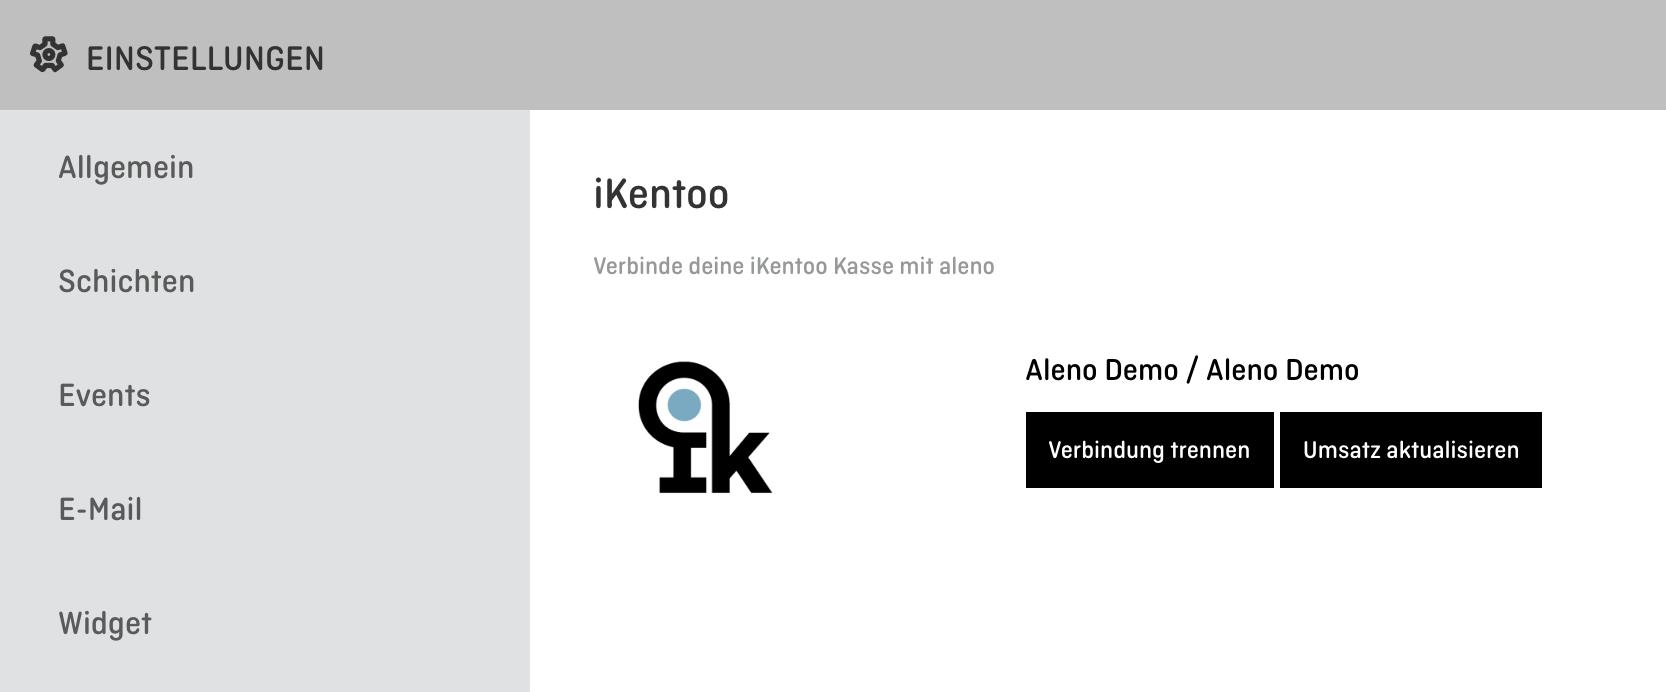 iKentoo-POS-aleno-Verbunden.png